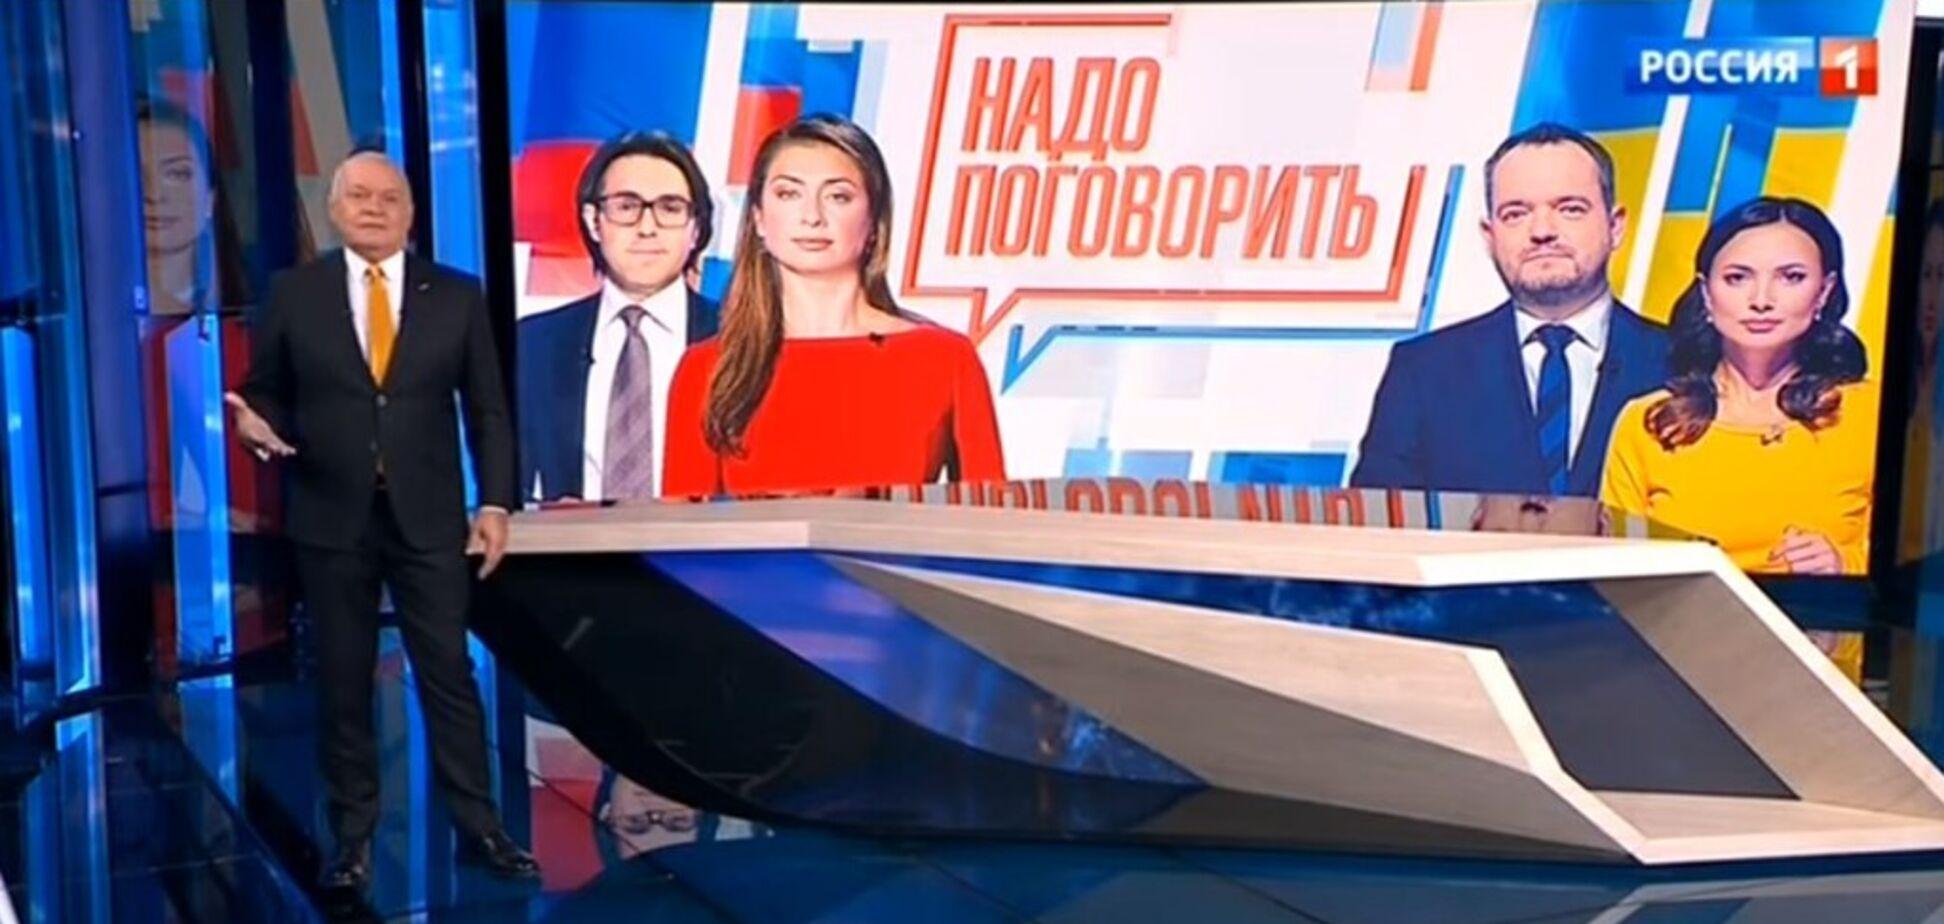 'От владельца до ведущего!' ГПУ взялась за расследование телемоста между каналами России и Украины